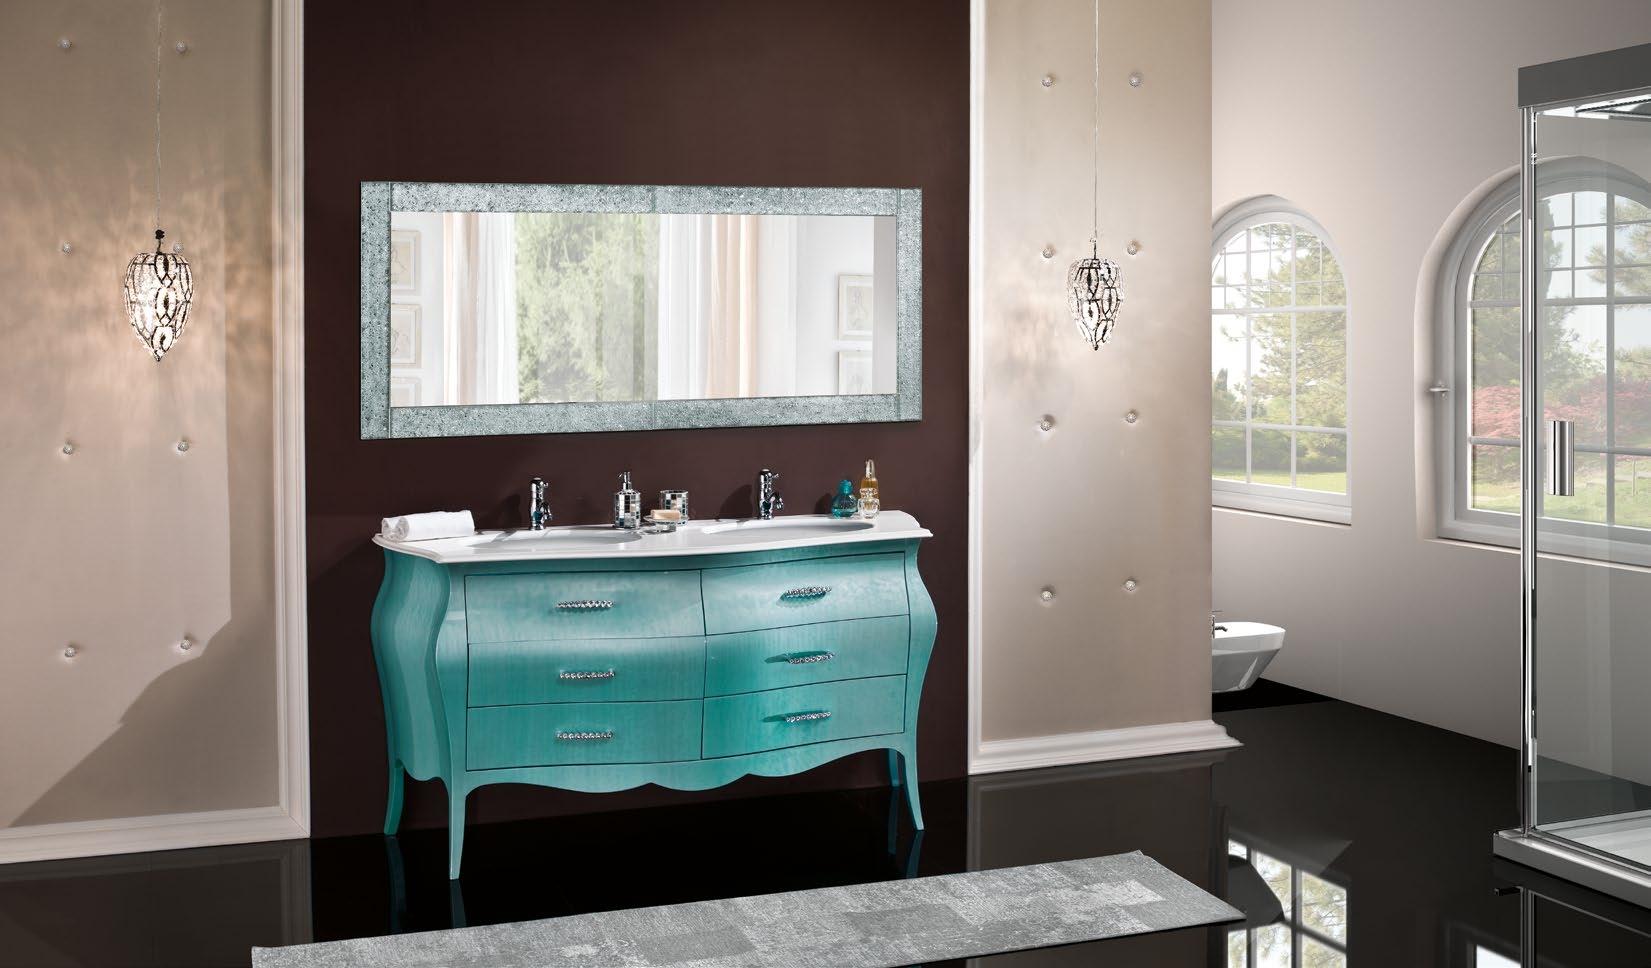 ... in legno bombato per bagno due lavabi - Arredo bagno a prezzi scontati